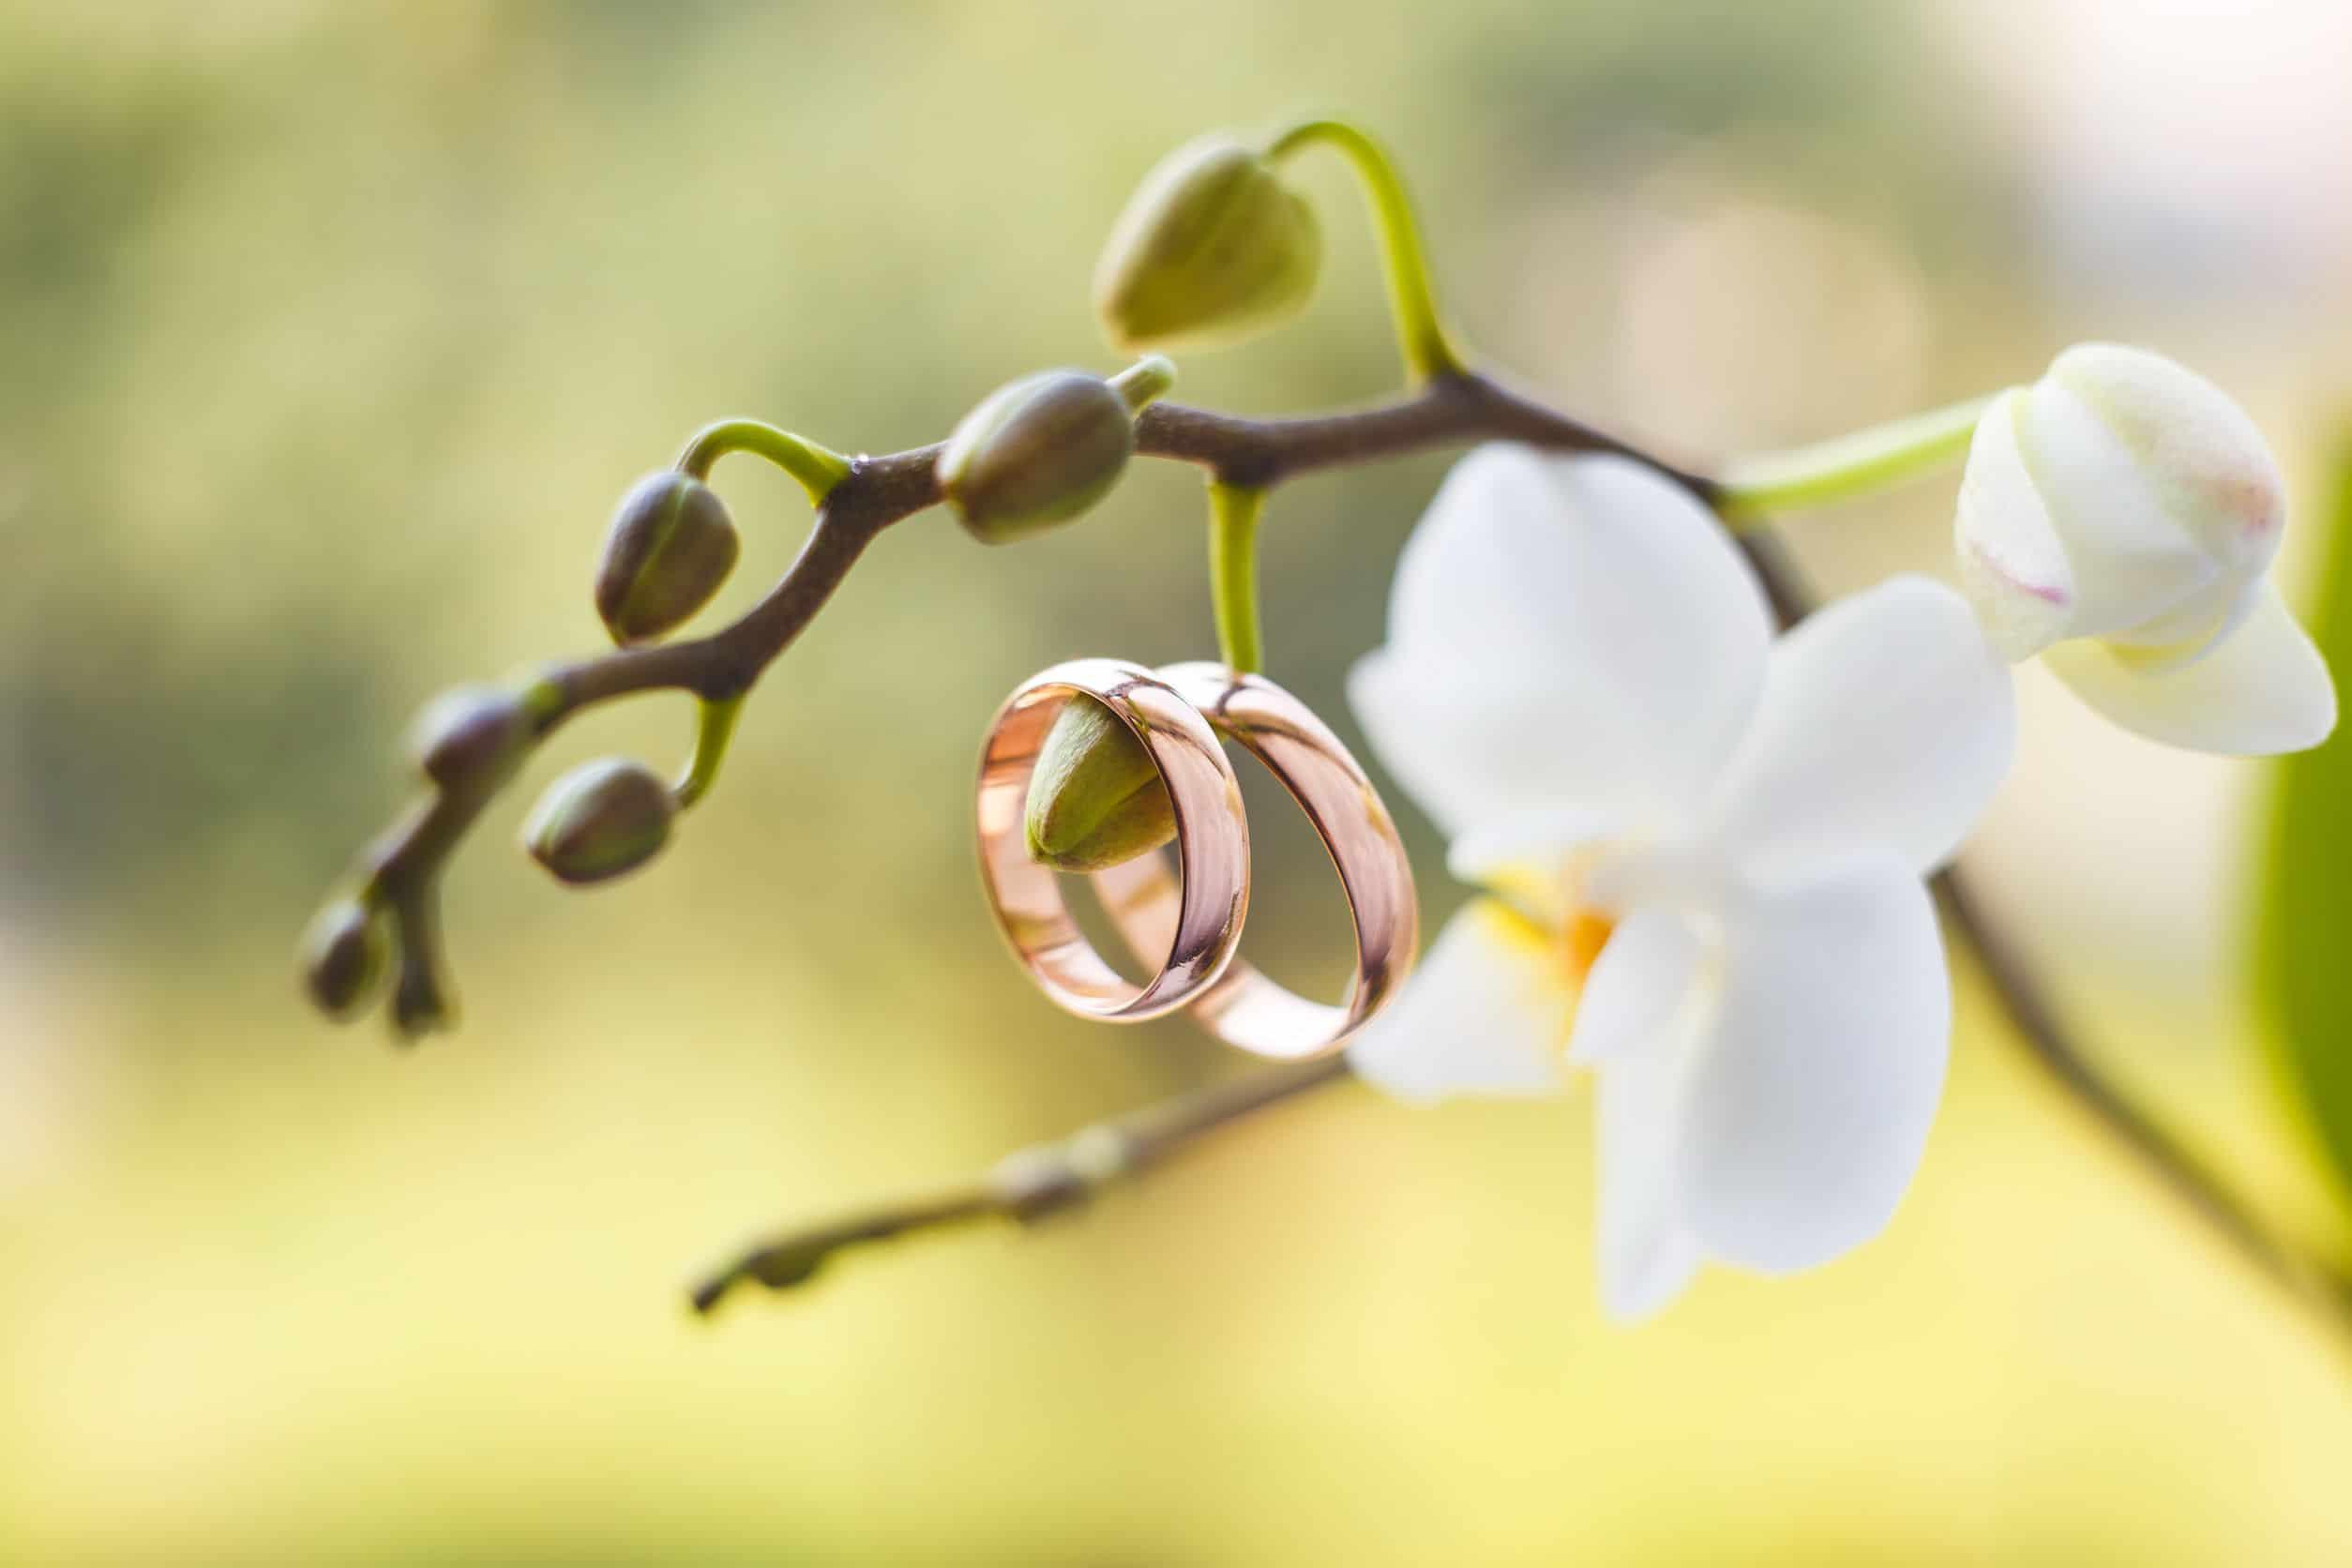 choix des bijoux de mariage : en fonction de l'écrin...